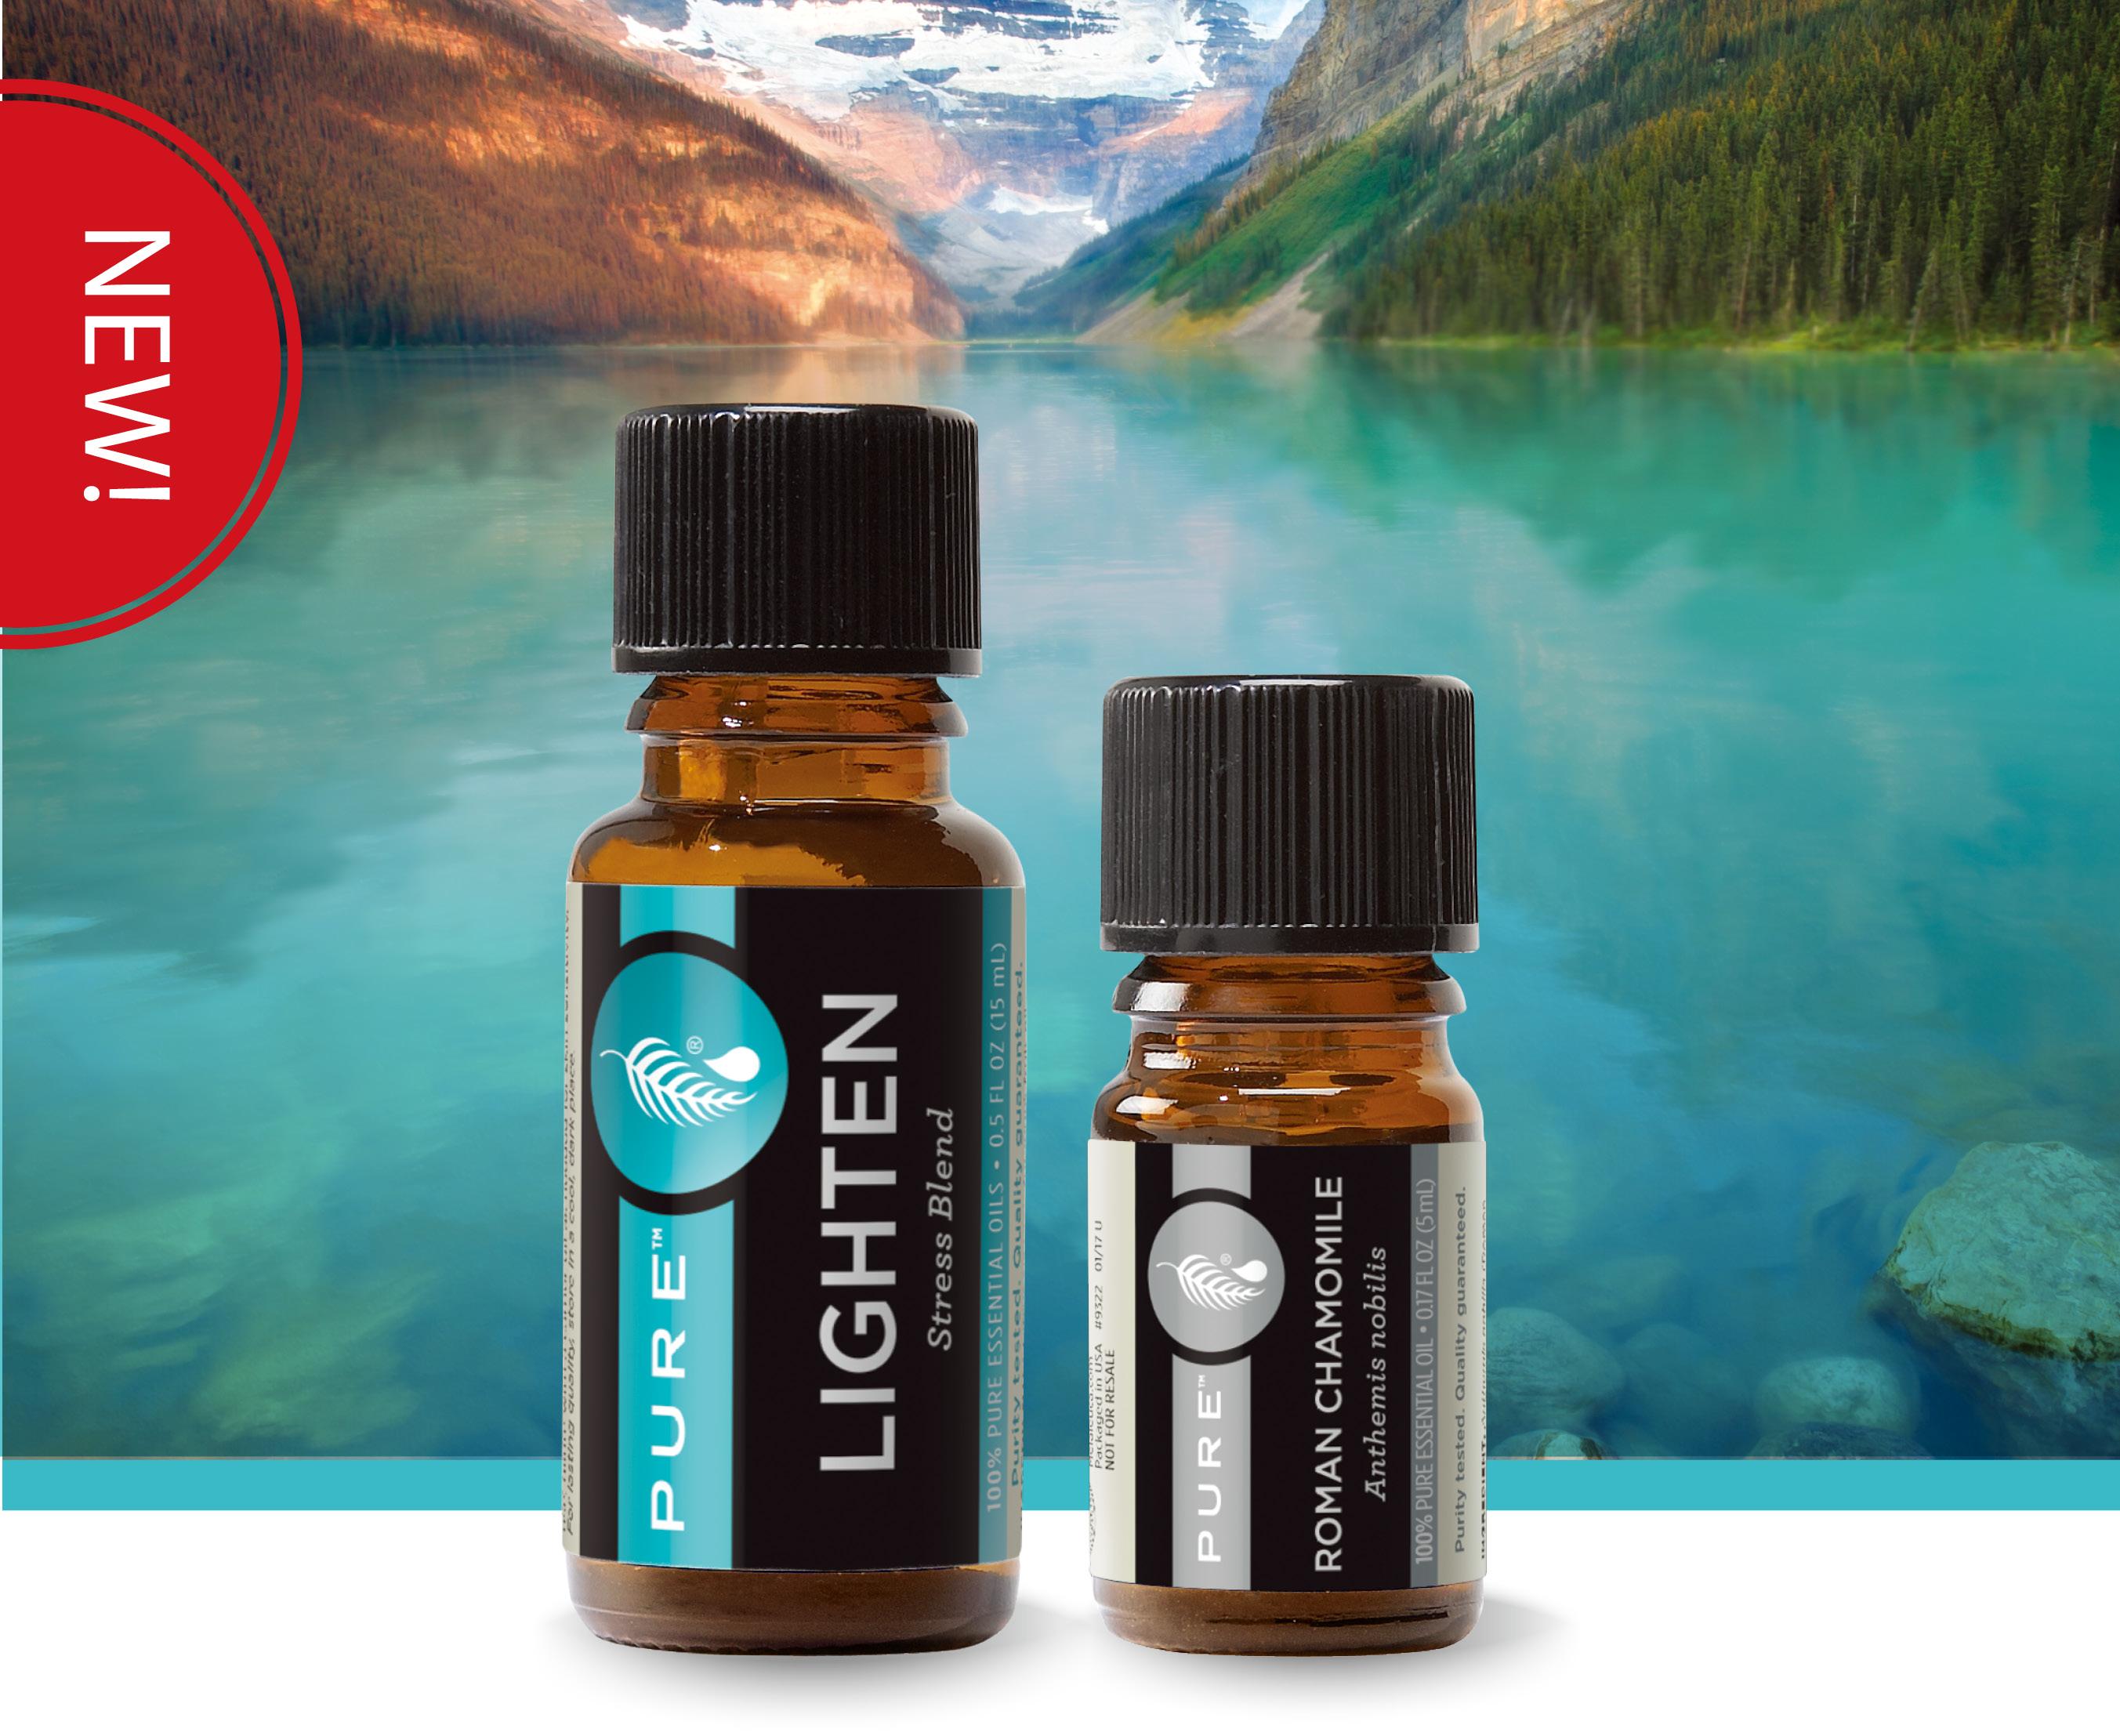 美樂家純質精油:純質舒壓複方精油 羅馬洋甘菊精油